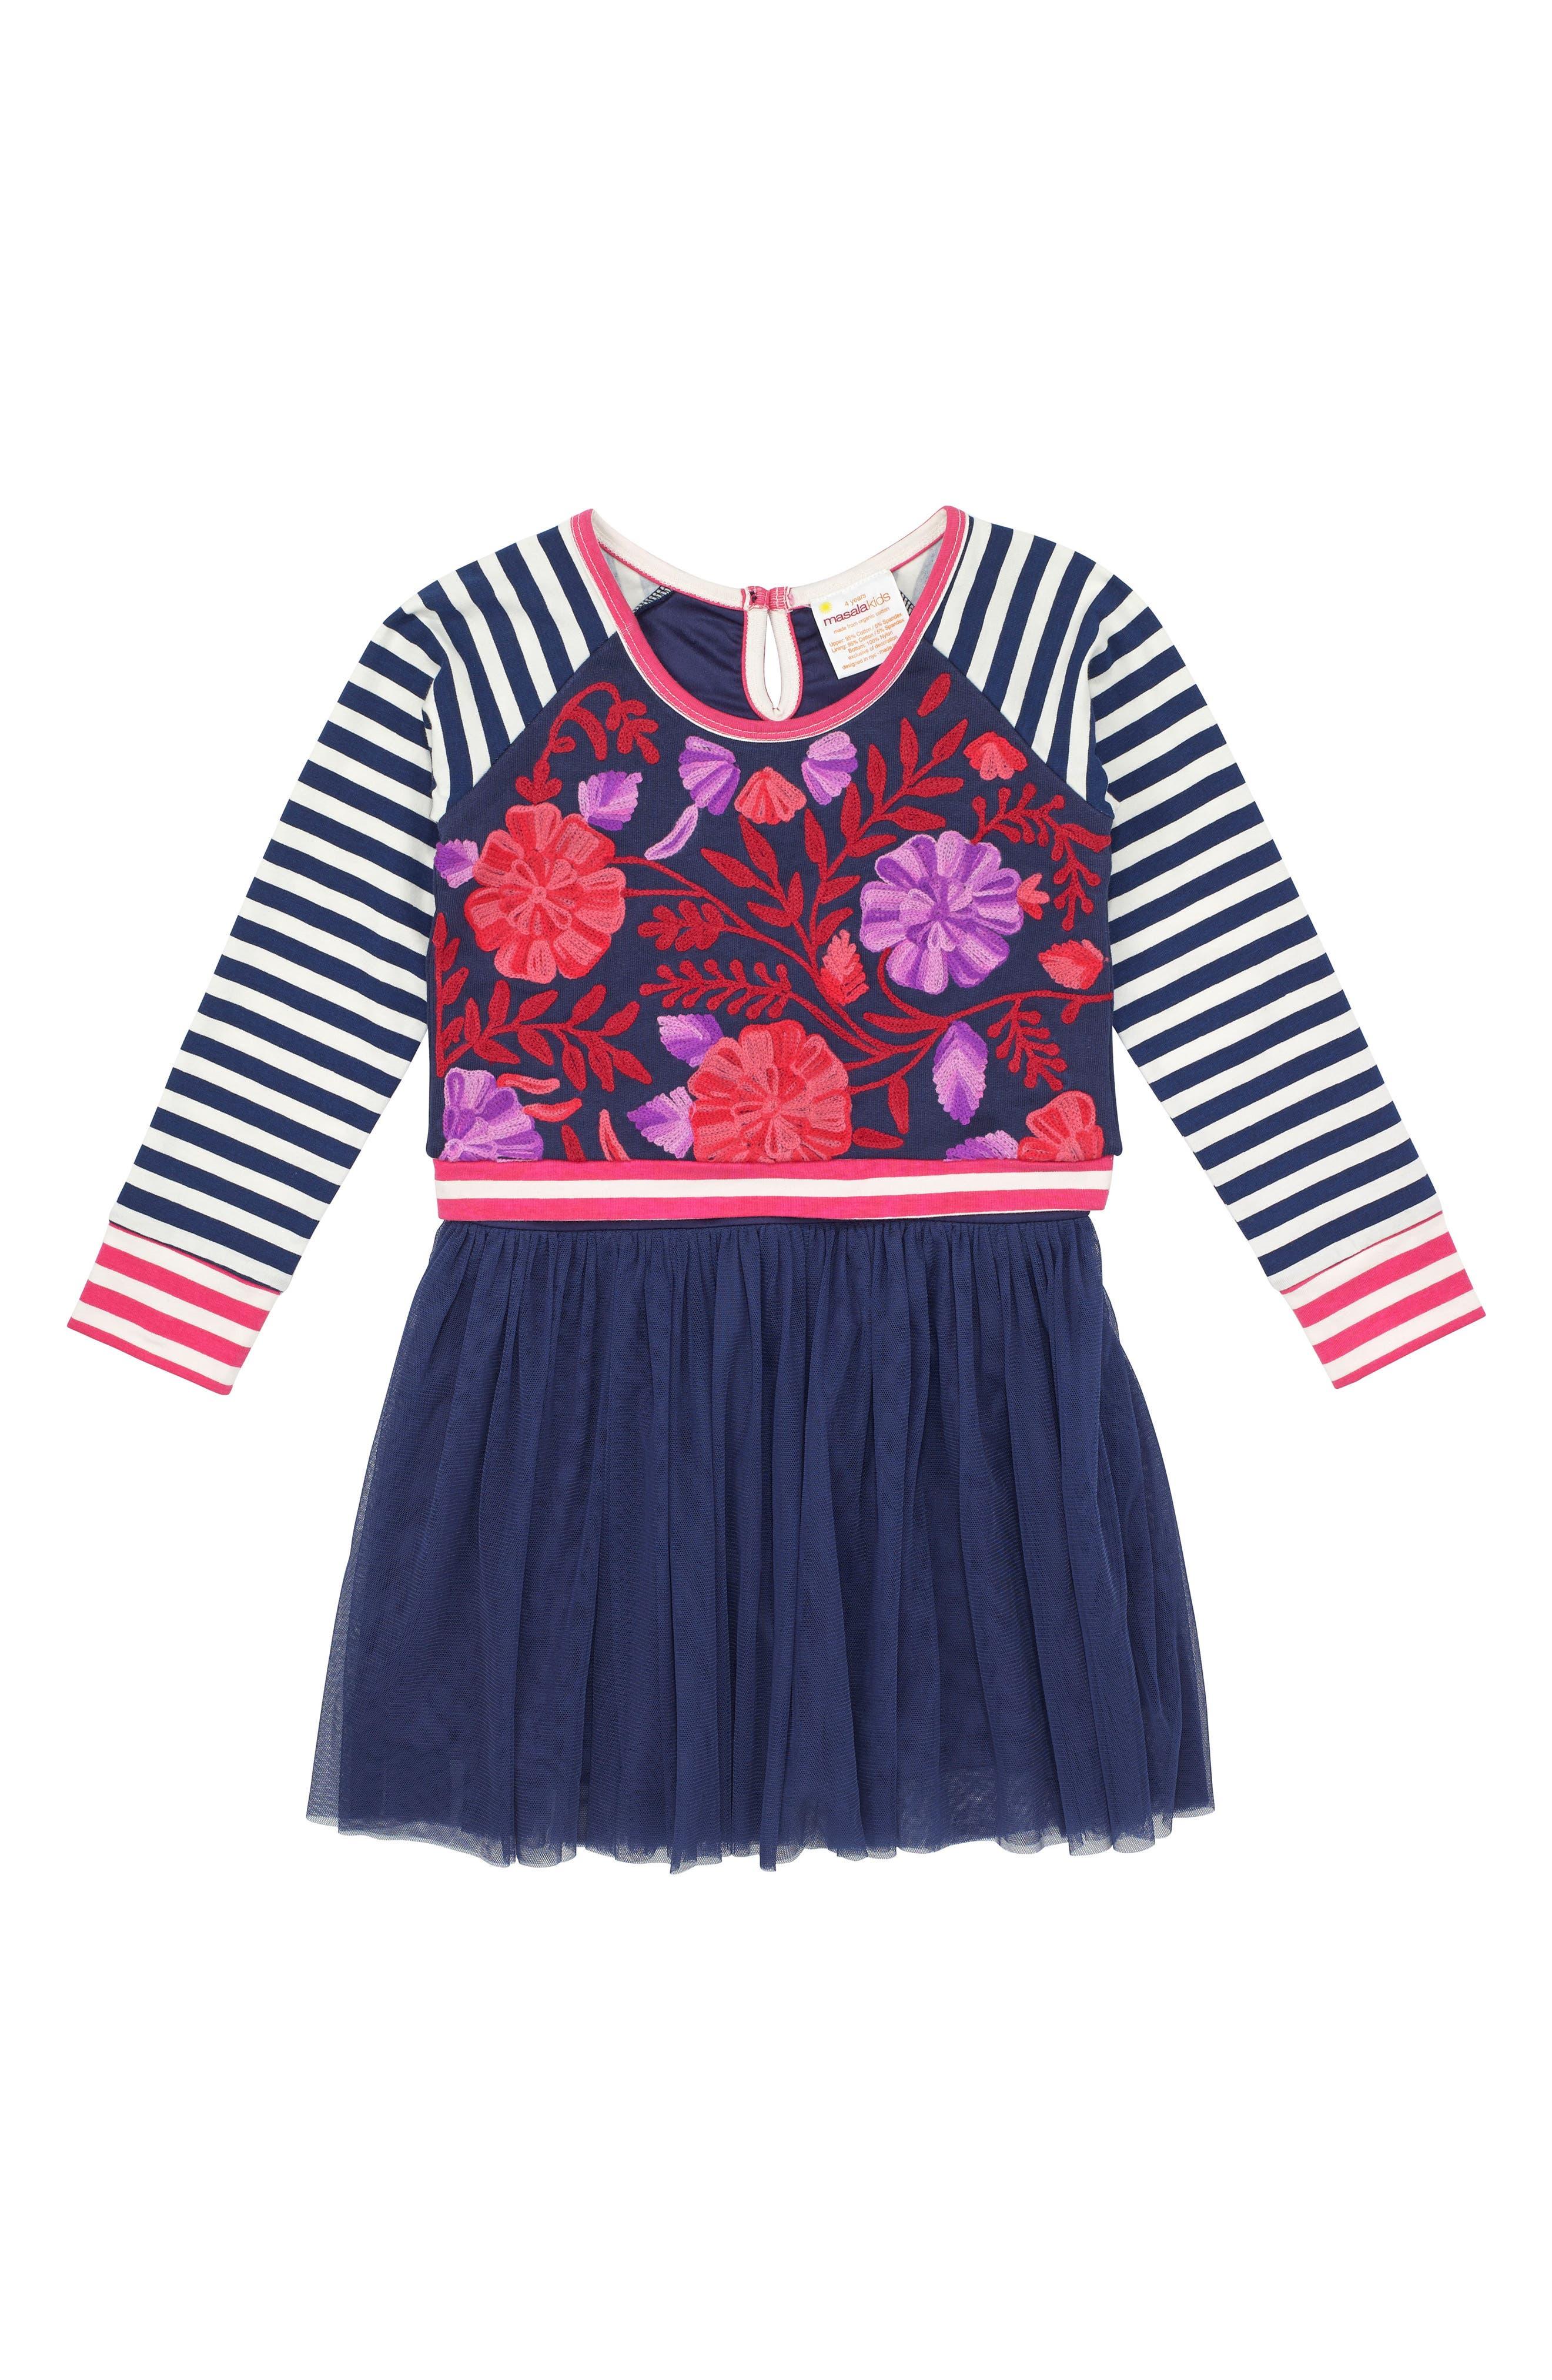 Main Image - Masalababy Floral & Stripe Organic Cotton Dress (Toddler Girls, Little Girls & Big Girls)